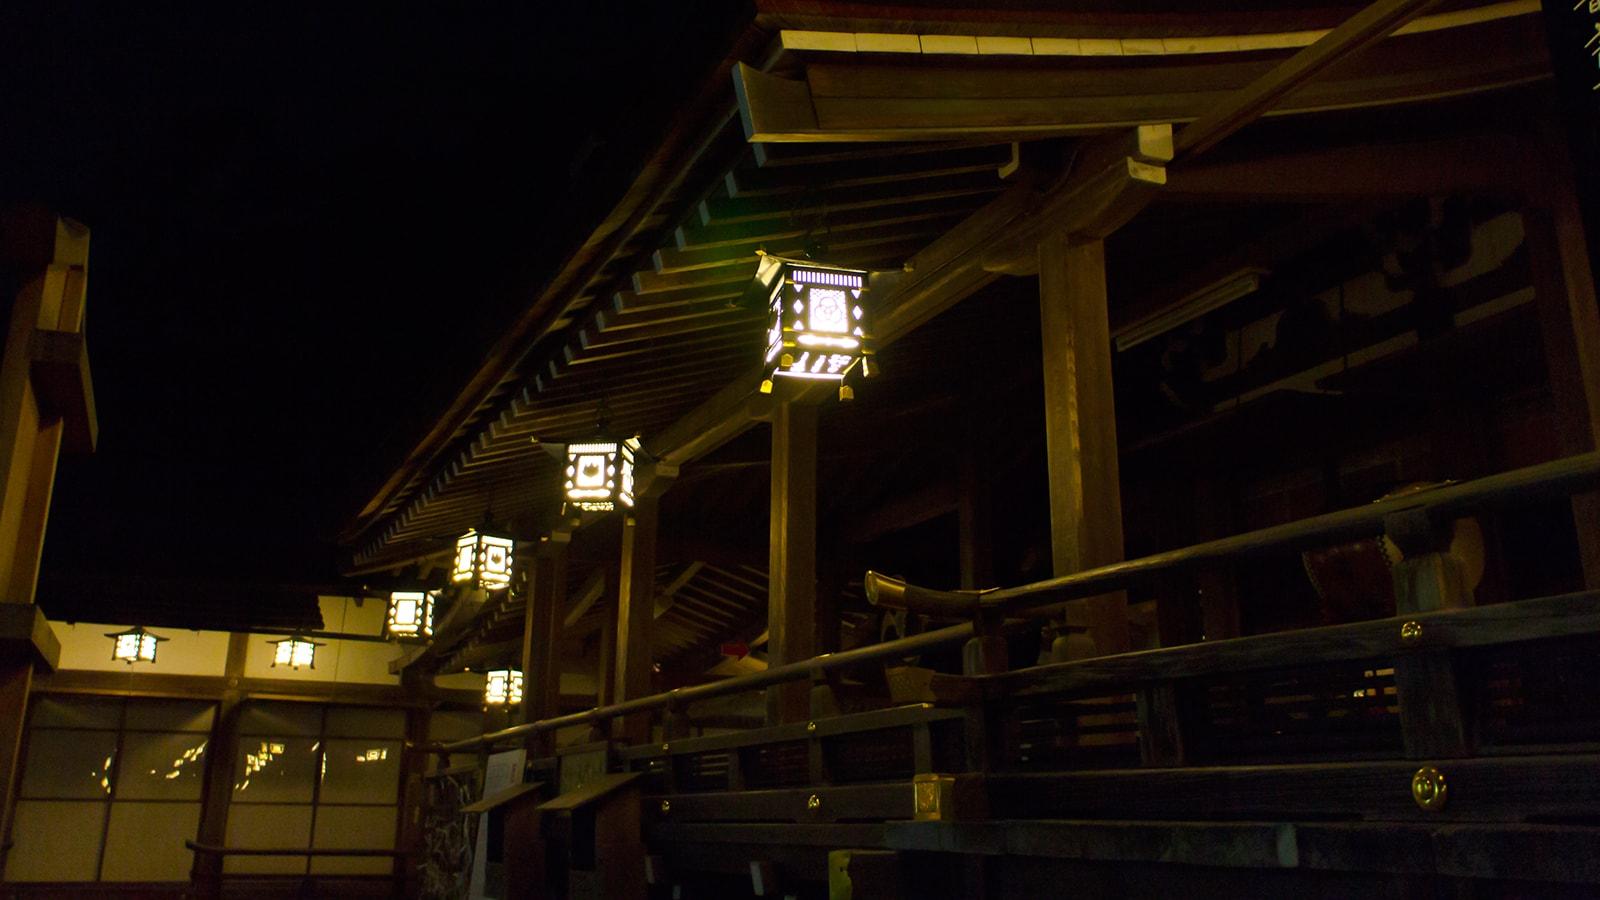 夜、誰もいない境内は神秘的でもあり、昼間とは違った趣きがある - -奈良県桜井市にある観光、撮影スポット- -